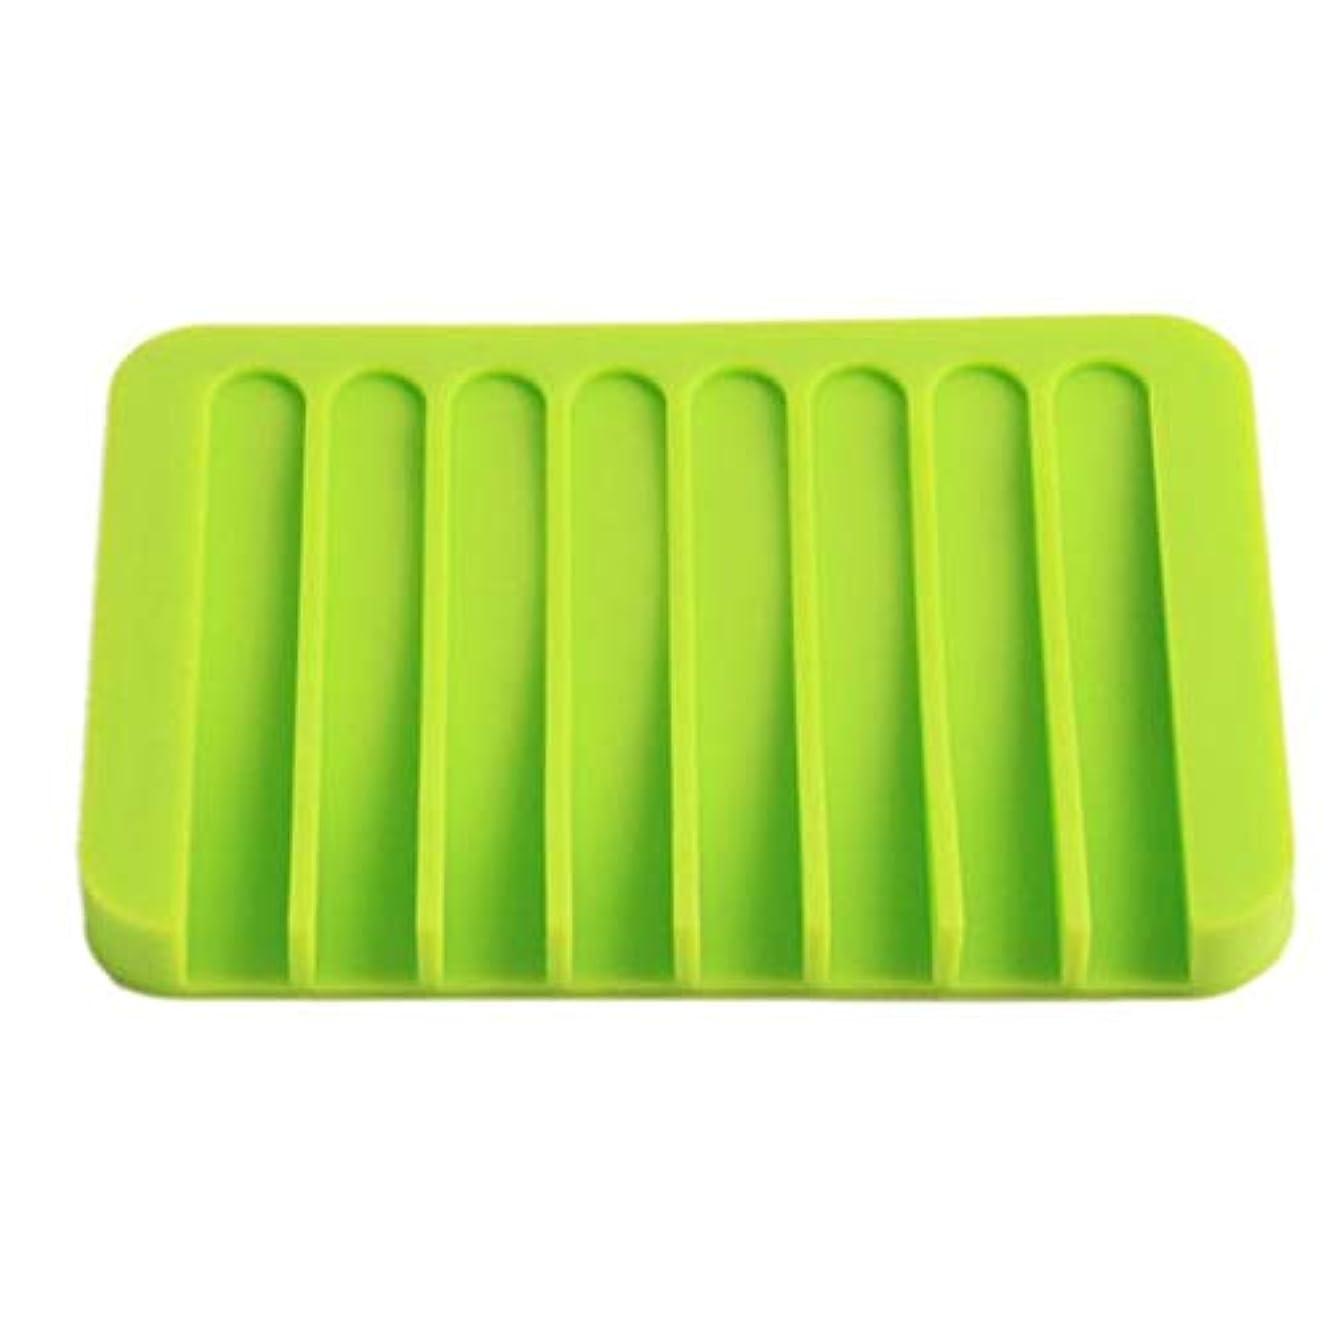 長々と幸運な漂流Onior プレミアム品質のシリコーン浴室柔軟な石鹸皿ソープホルダー収納ソープボックスプレートトレイ排水、グリーン